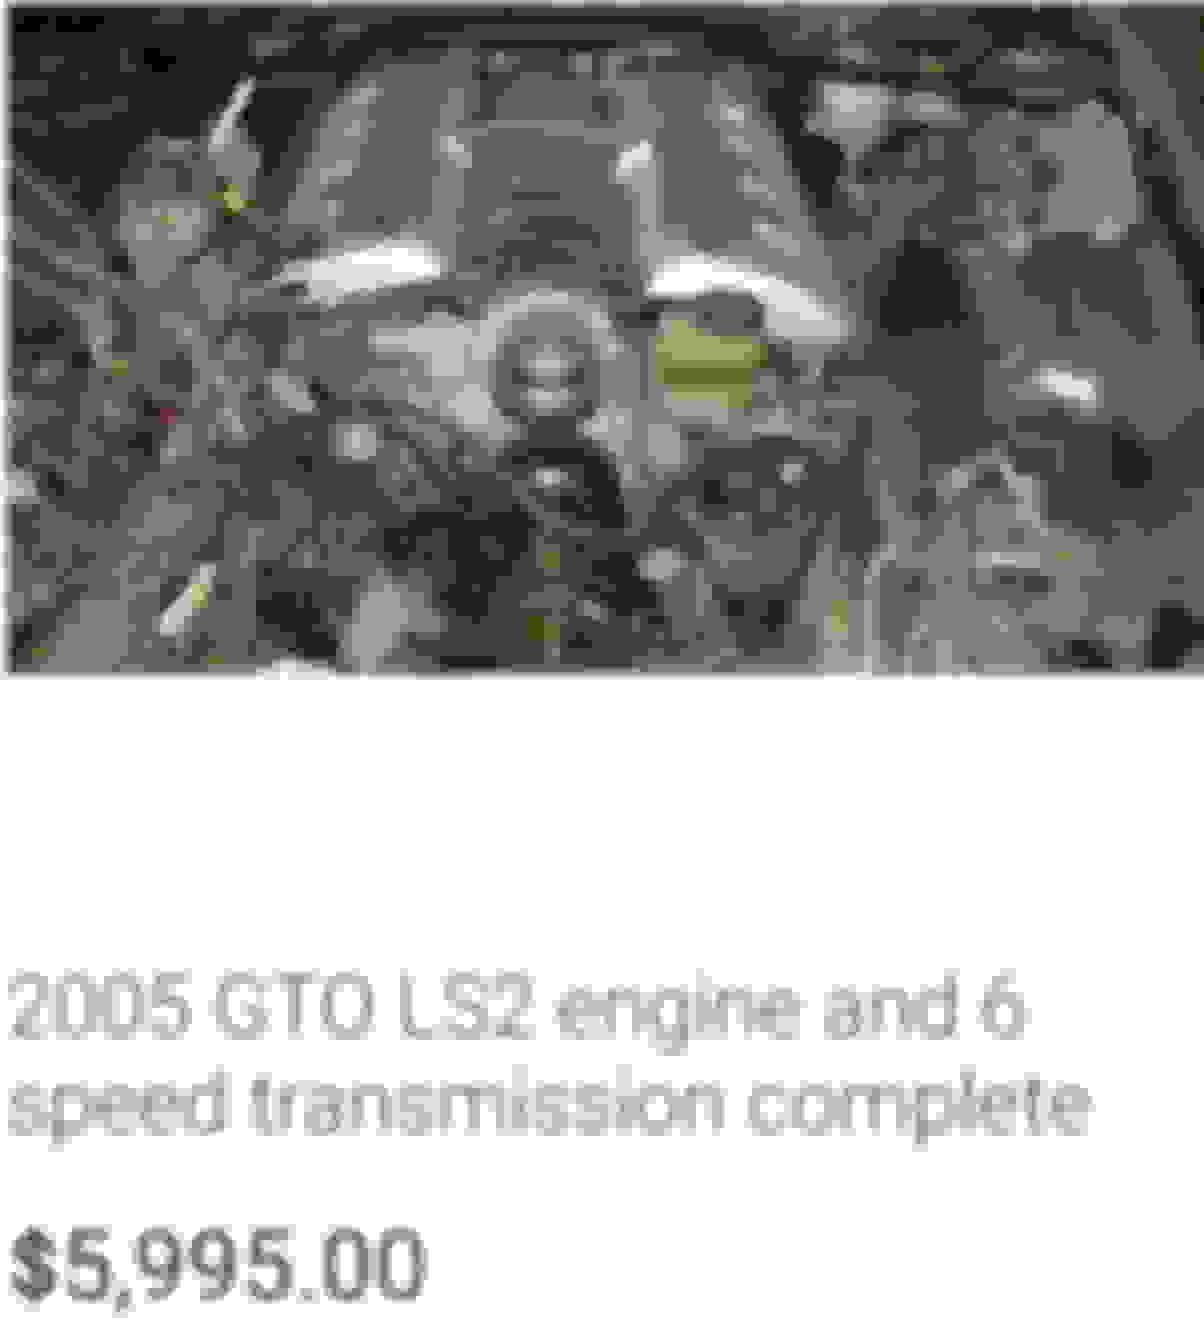 Ls2 or other v8 engine swap? - MyG37